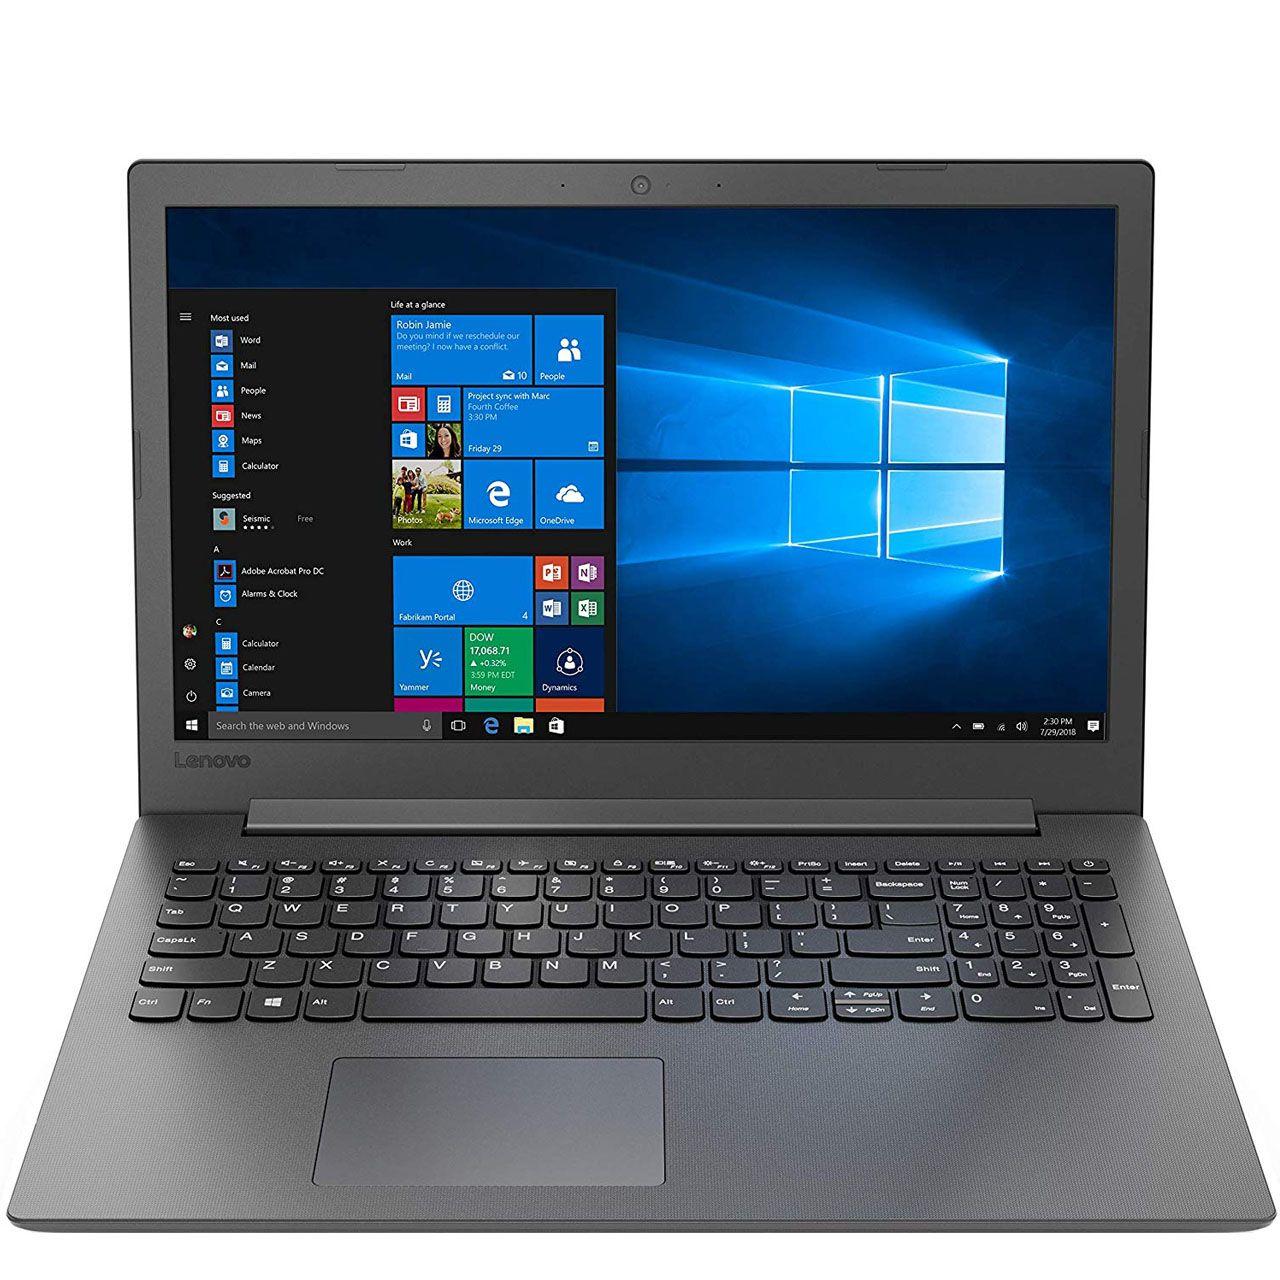 لپ تاپ ۱۵ اینچی لنوو مدل Ideapad 130 – PI